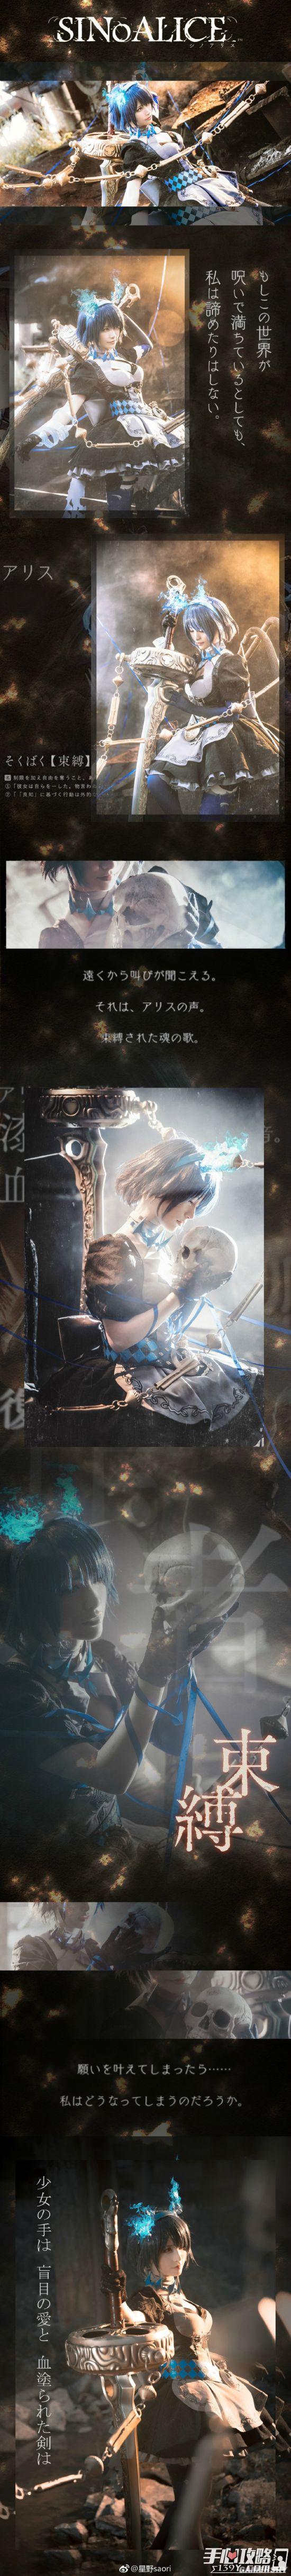 《死亡爱丽丝》国内COSer星野saori演绎 黑童话下少女的抗争1